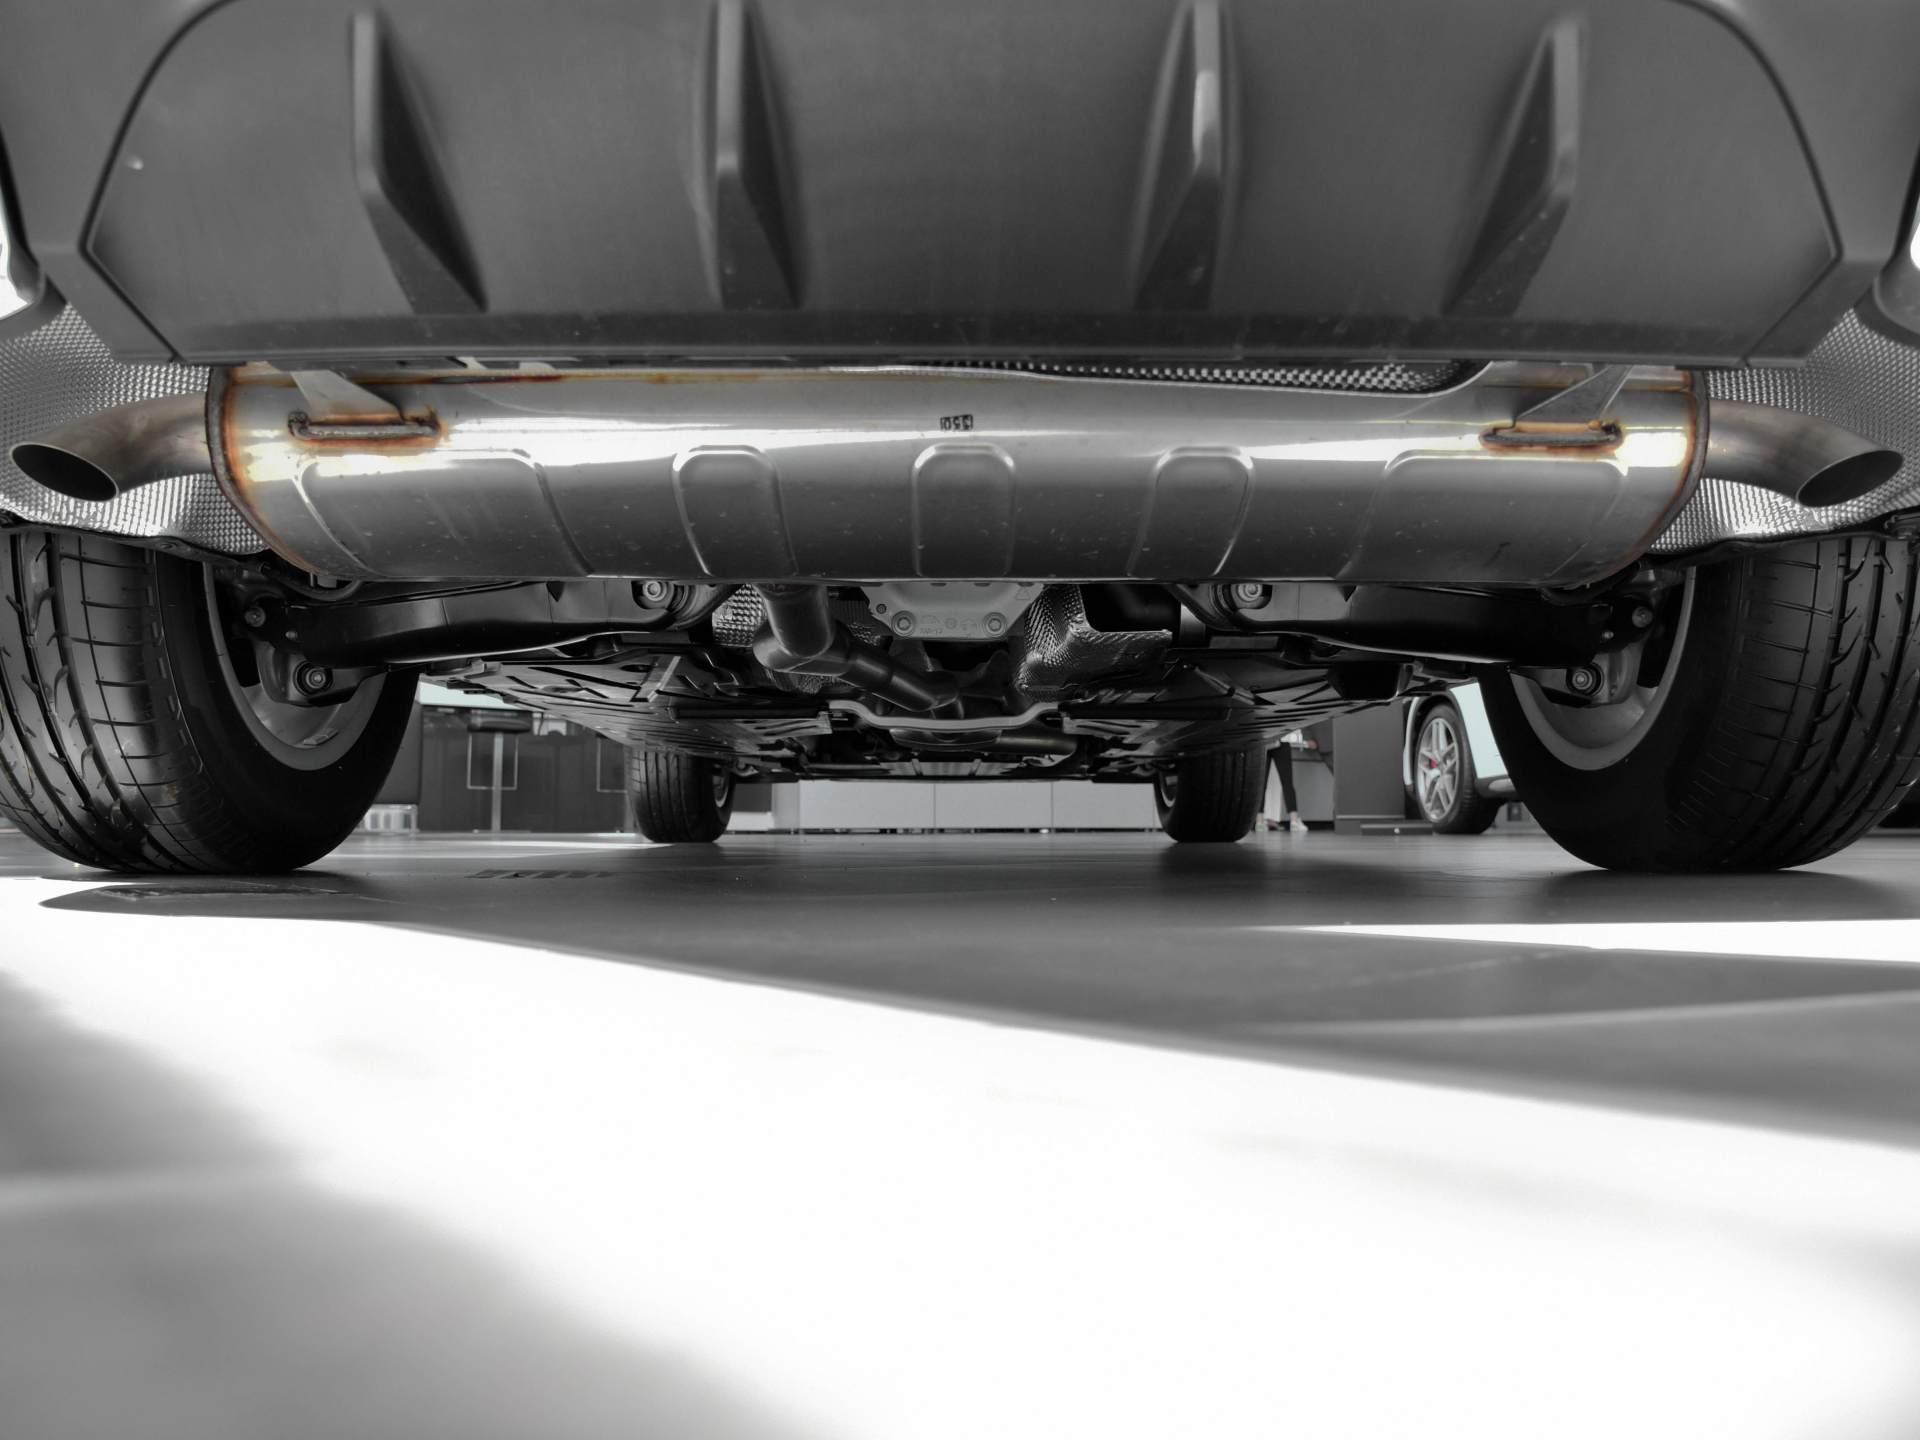 實在的豪華SUV,高近1.9米,2.0T+四驅,奔馳品牌是亮點-圖8